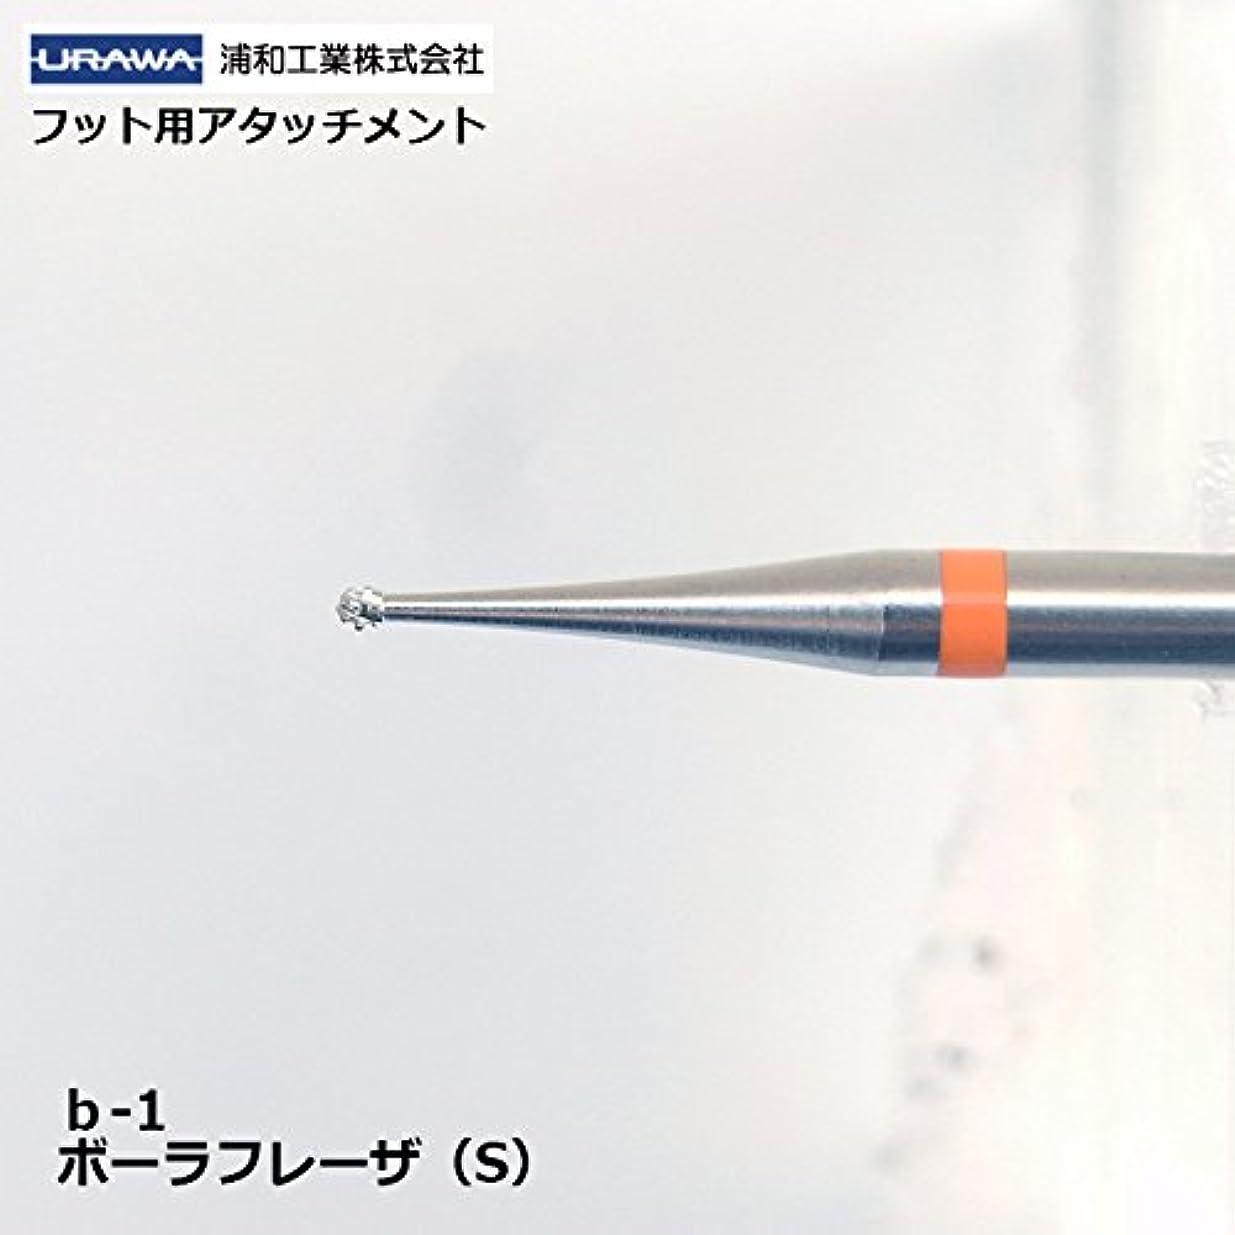 画面活気づくスクラッチ【URAWA】ボーラフレーザーS(b-1)【フット用アタッチメント】